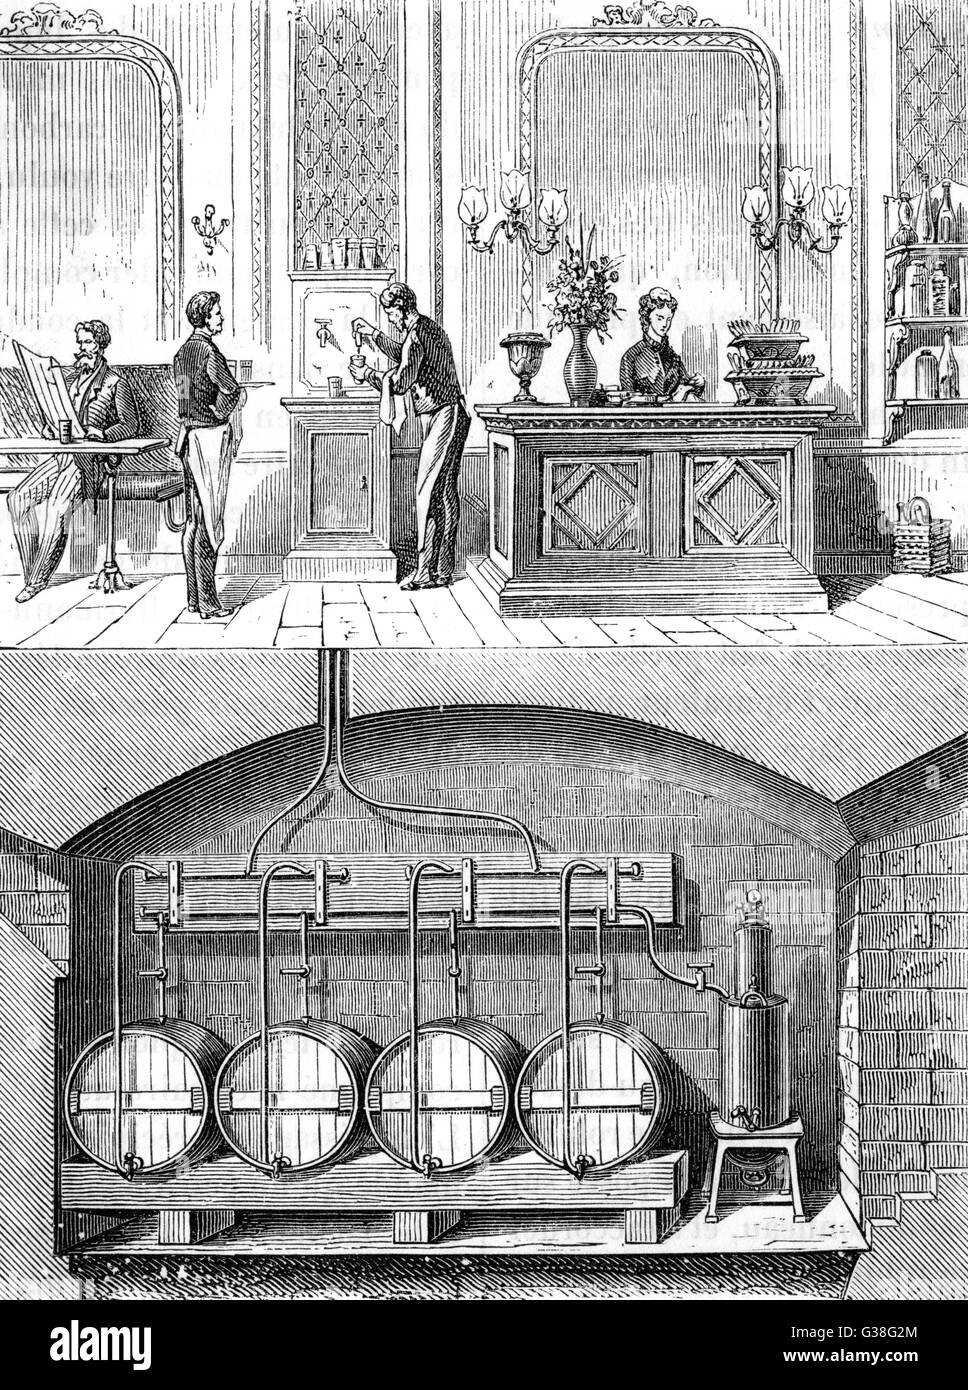 Cómo obtiene la cerveza de los Barriles en la bodega de los grifos en el bar, gracias a gas ácido carbónico Imagen De Stock